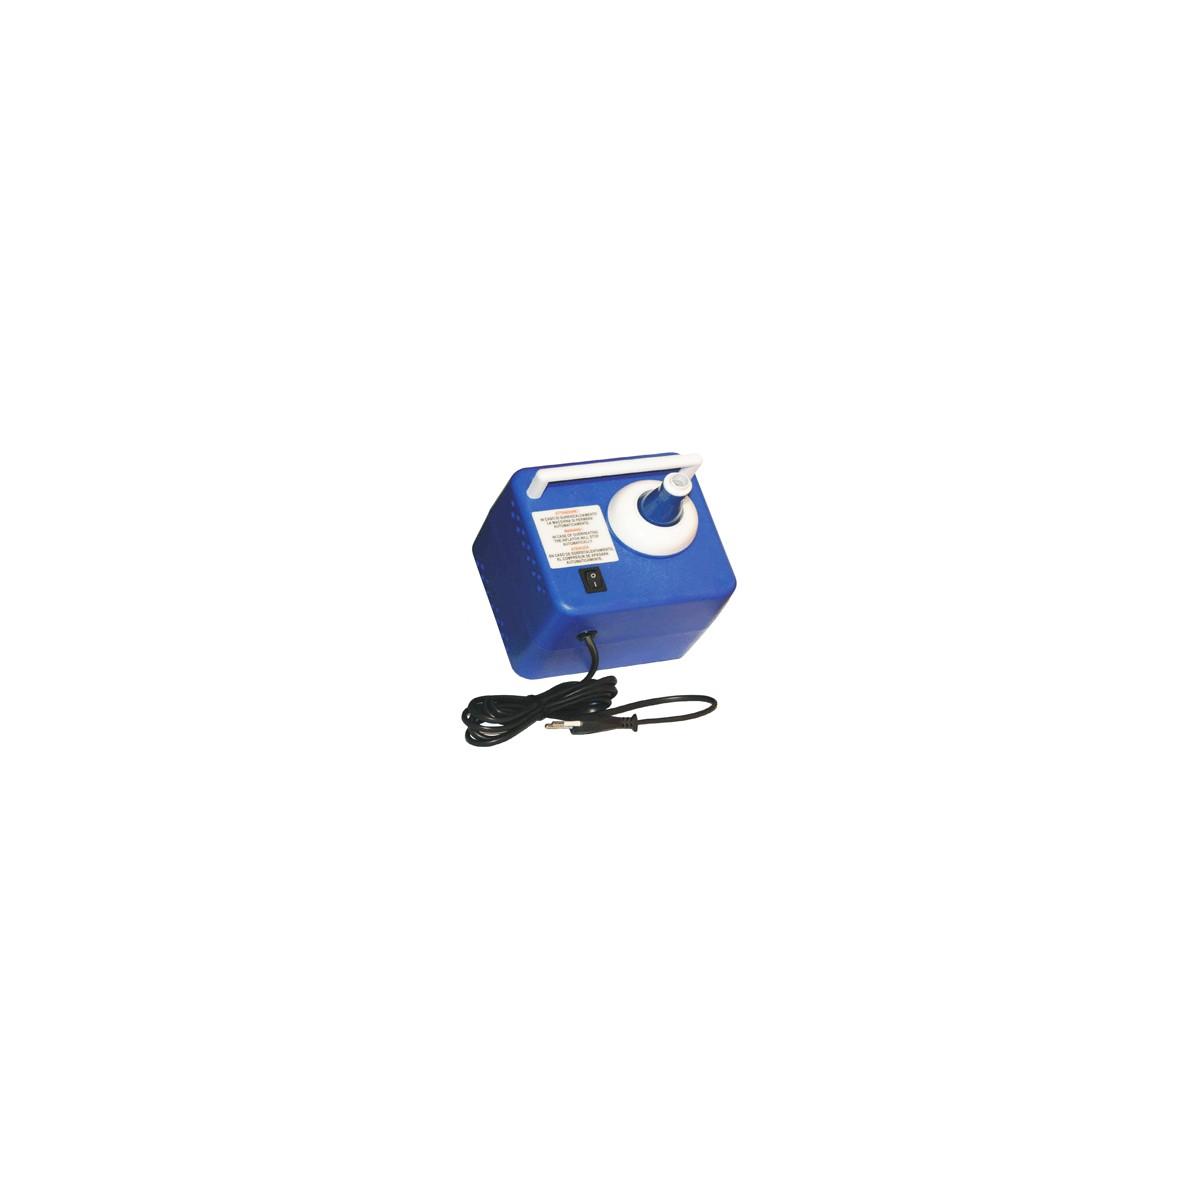 Pompa elettrica Luxe